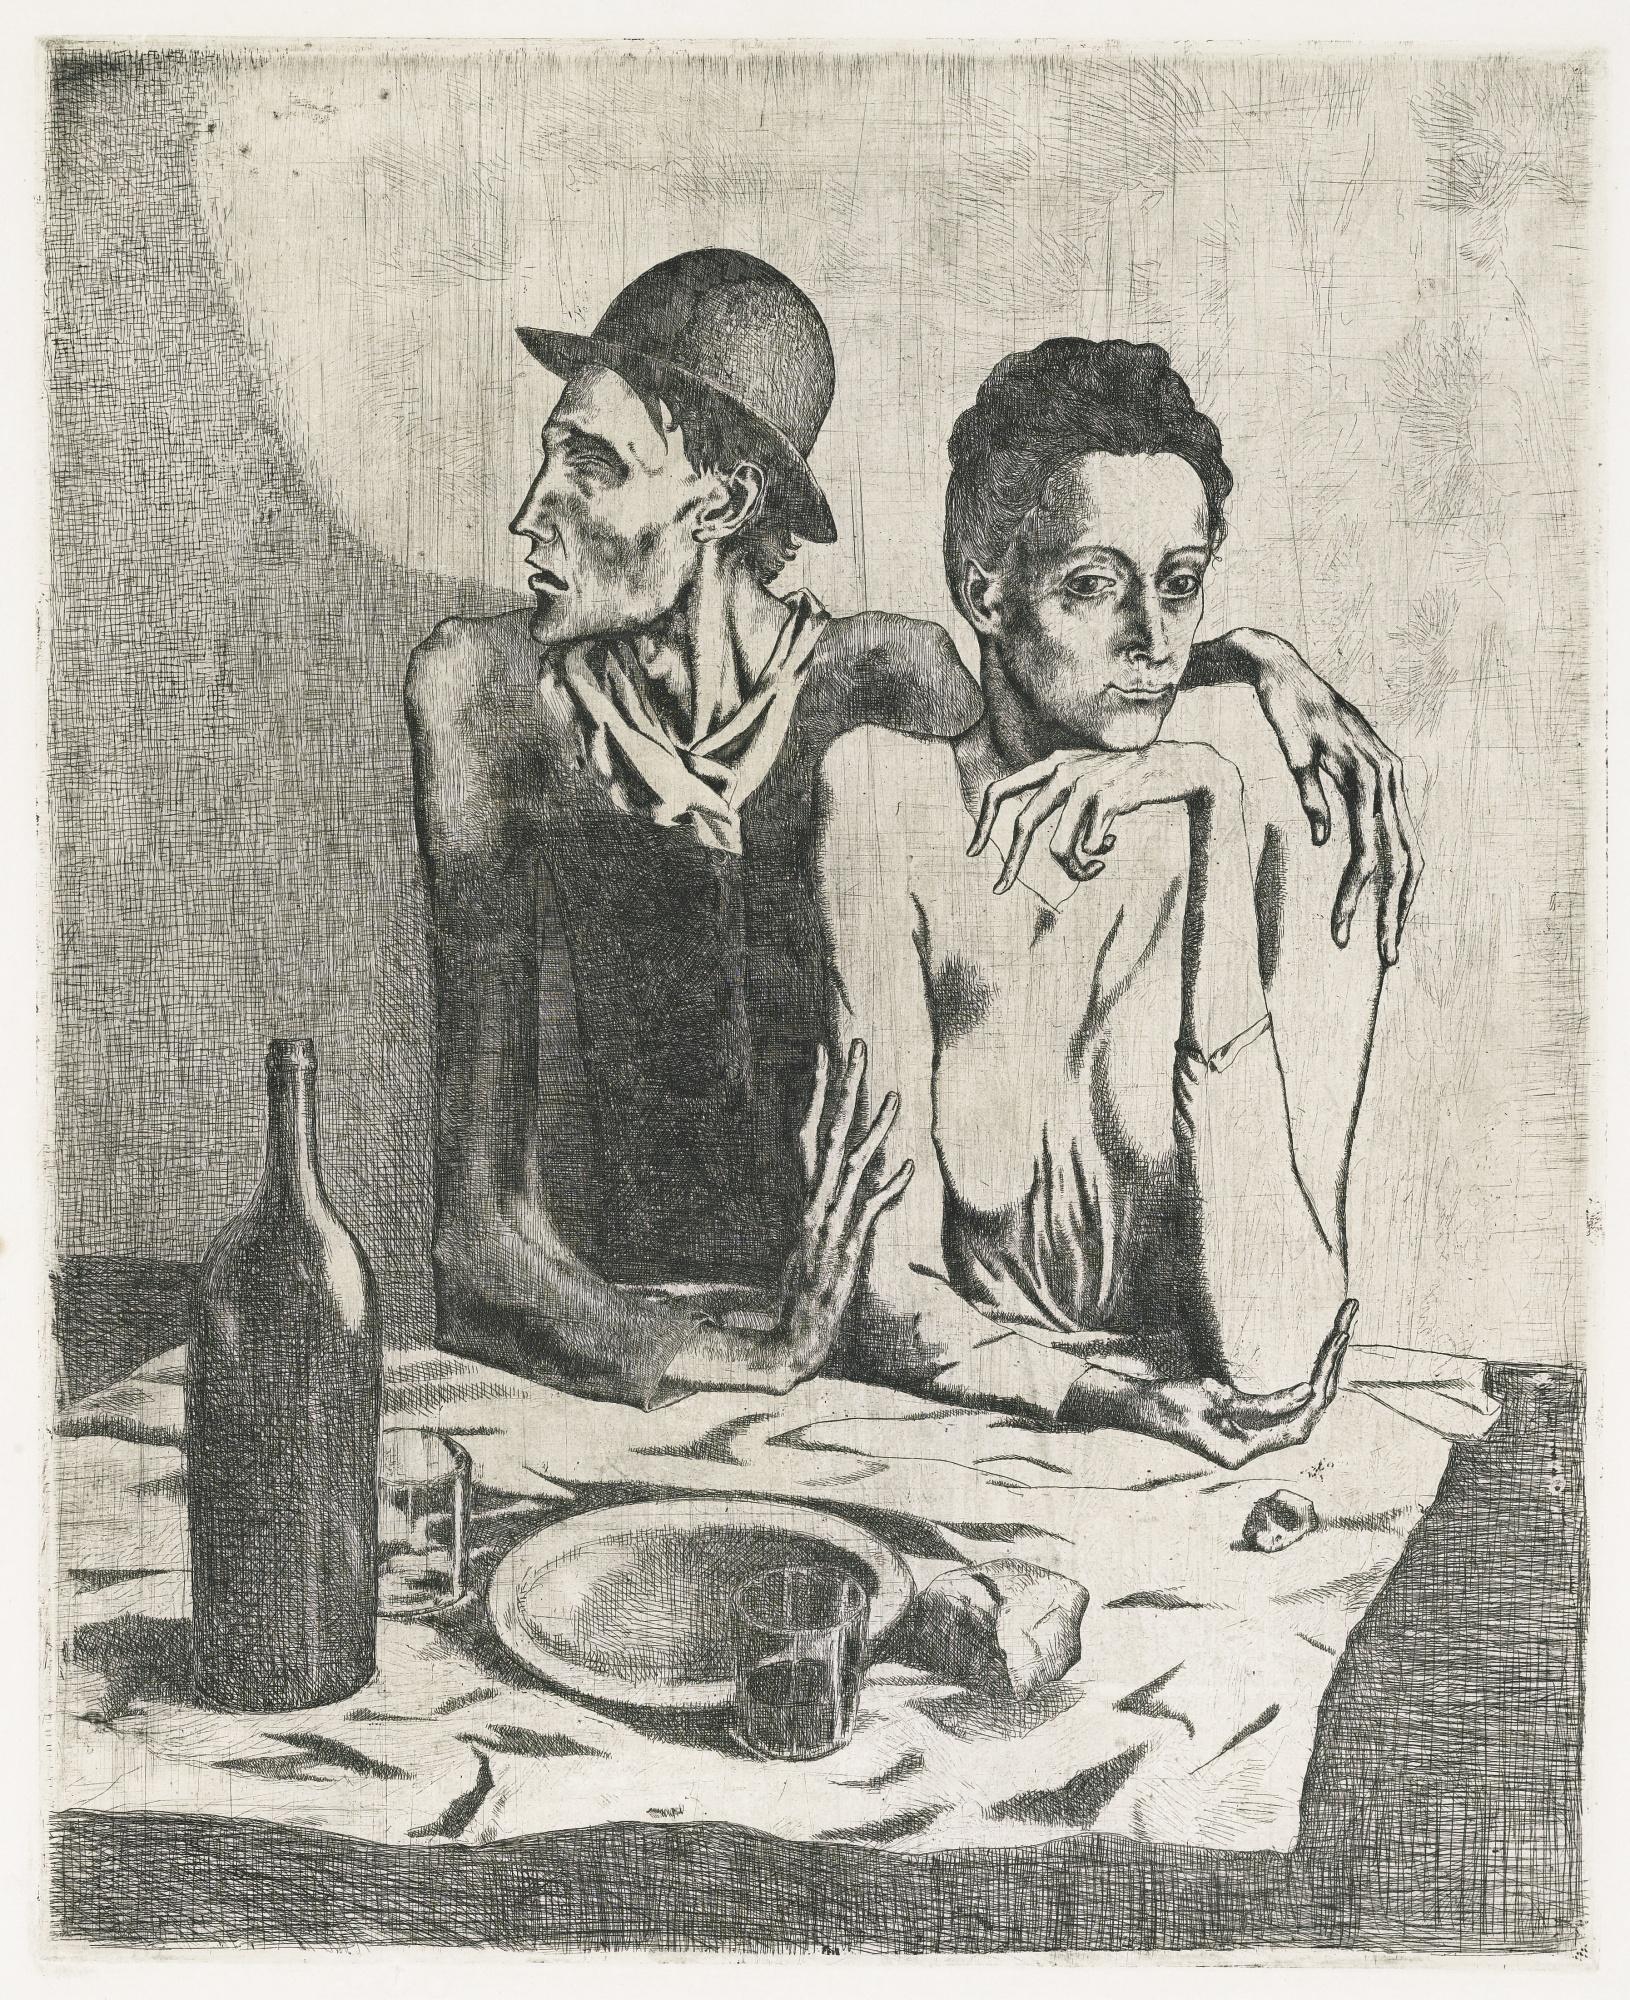 Pablo Picasso - Le repas frugal , Planche la suite des saltimbanques, 14 encres ans dessins au crayons de 1906-05 , ed° Ambroise Vollard, Paris, 1923